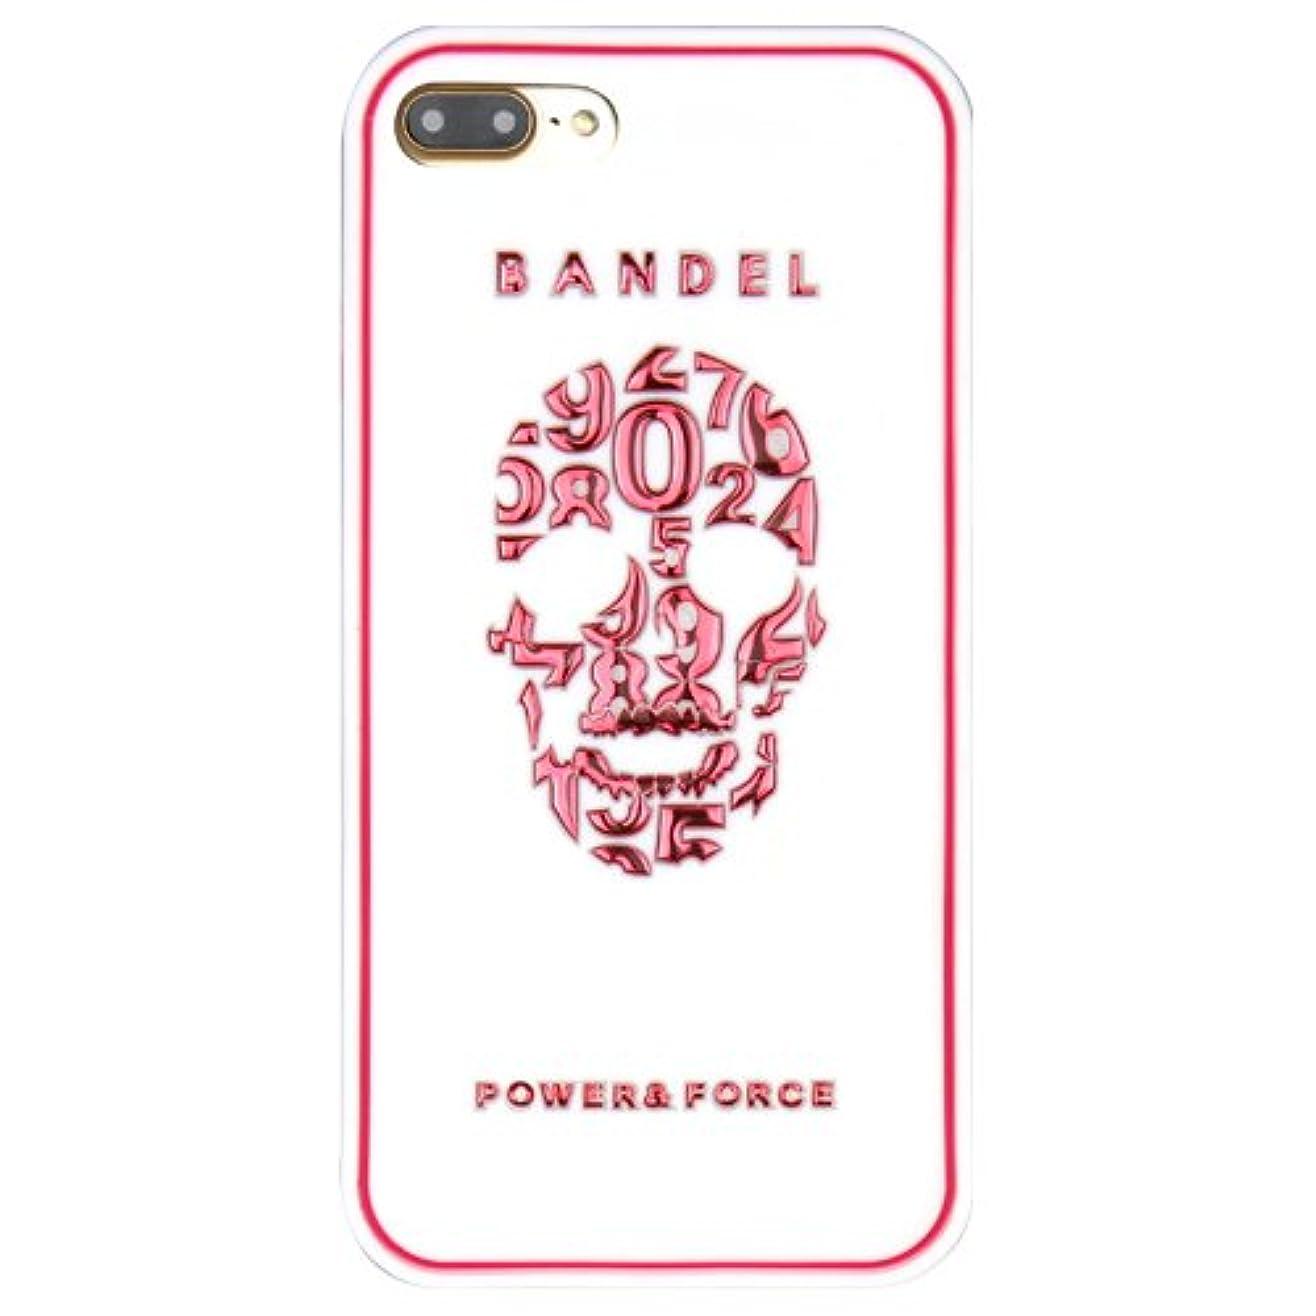 更新する外交国家バンデル(BANDEL) iPhone7Plusケース スカル ホワイト×ピンク [iPhone7Plus用シリコンケース]